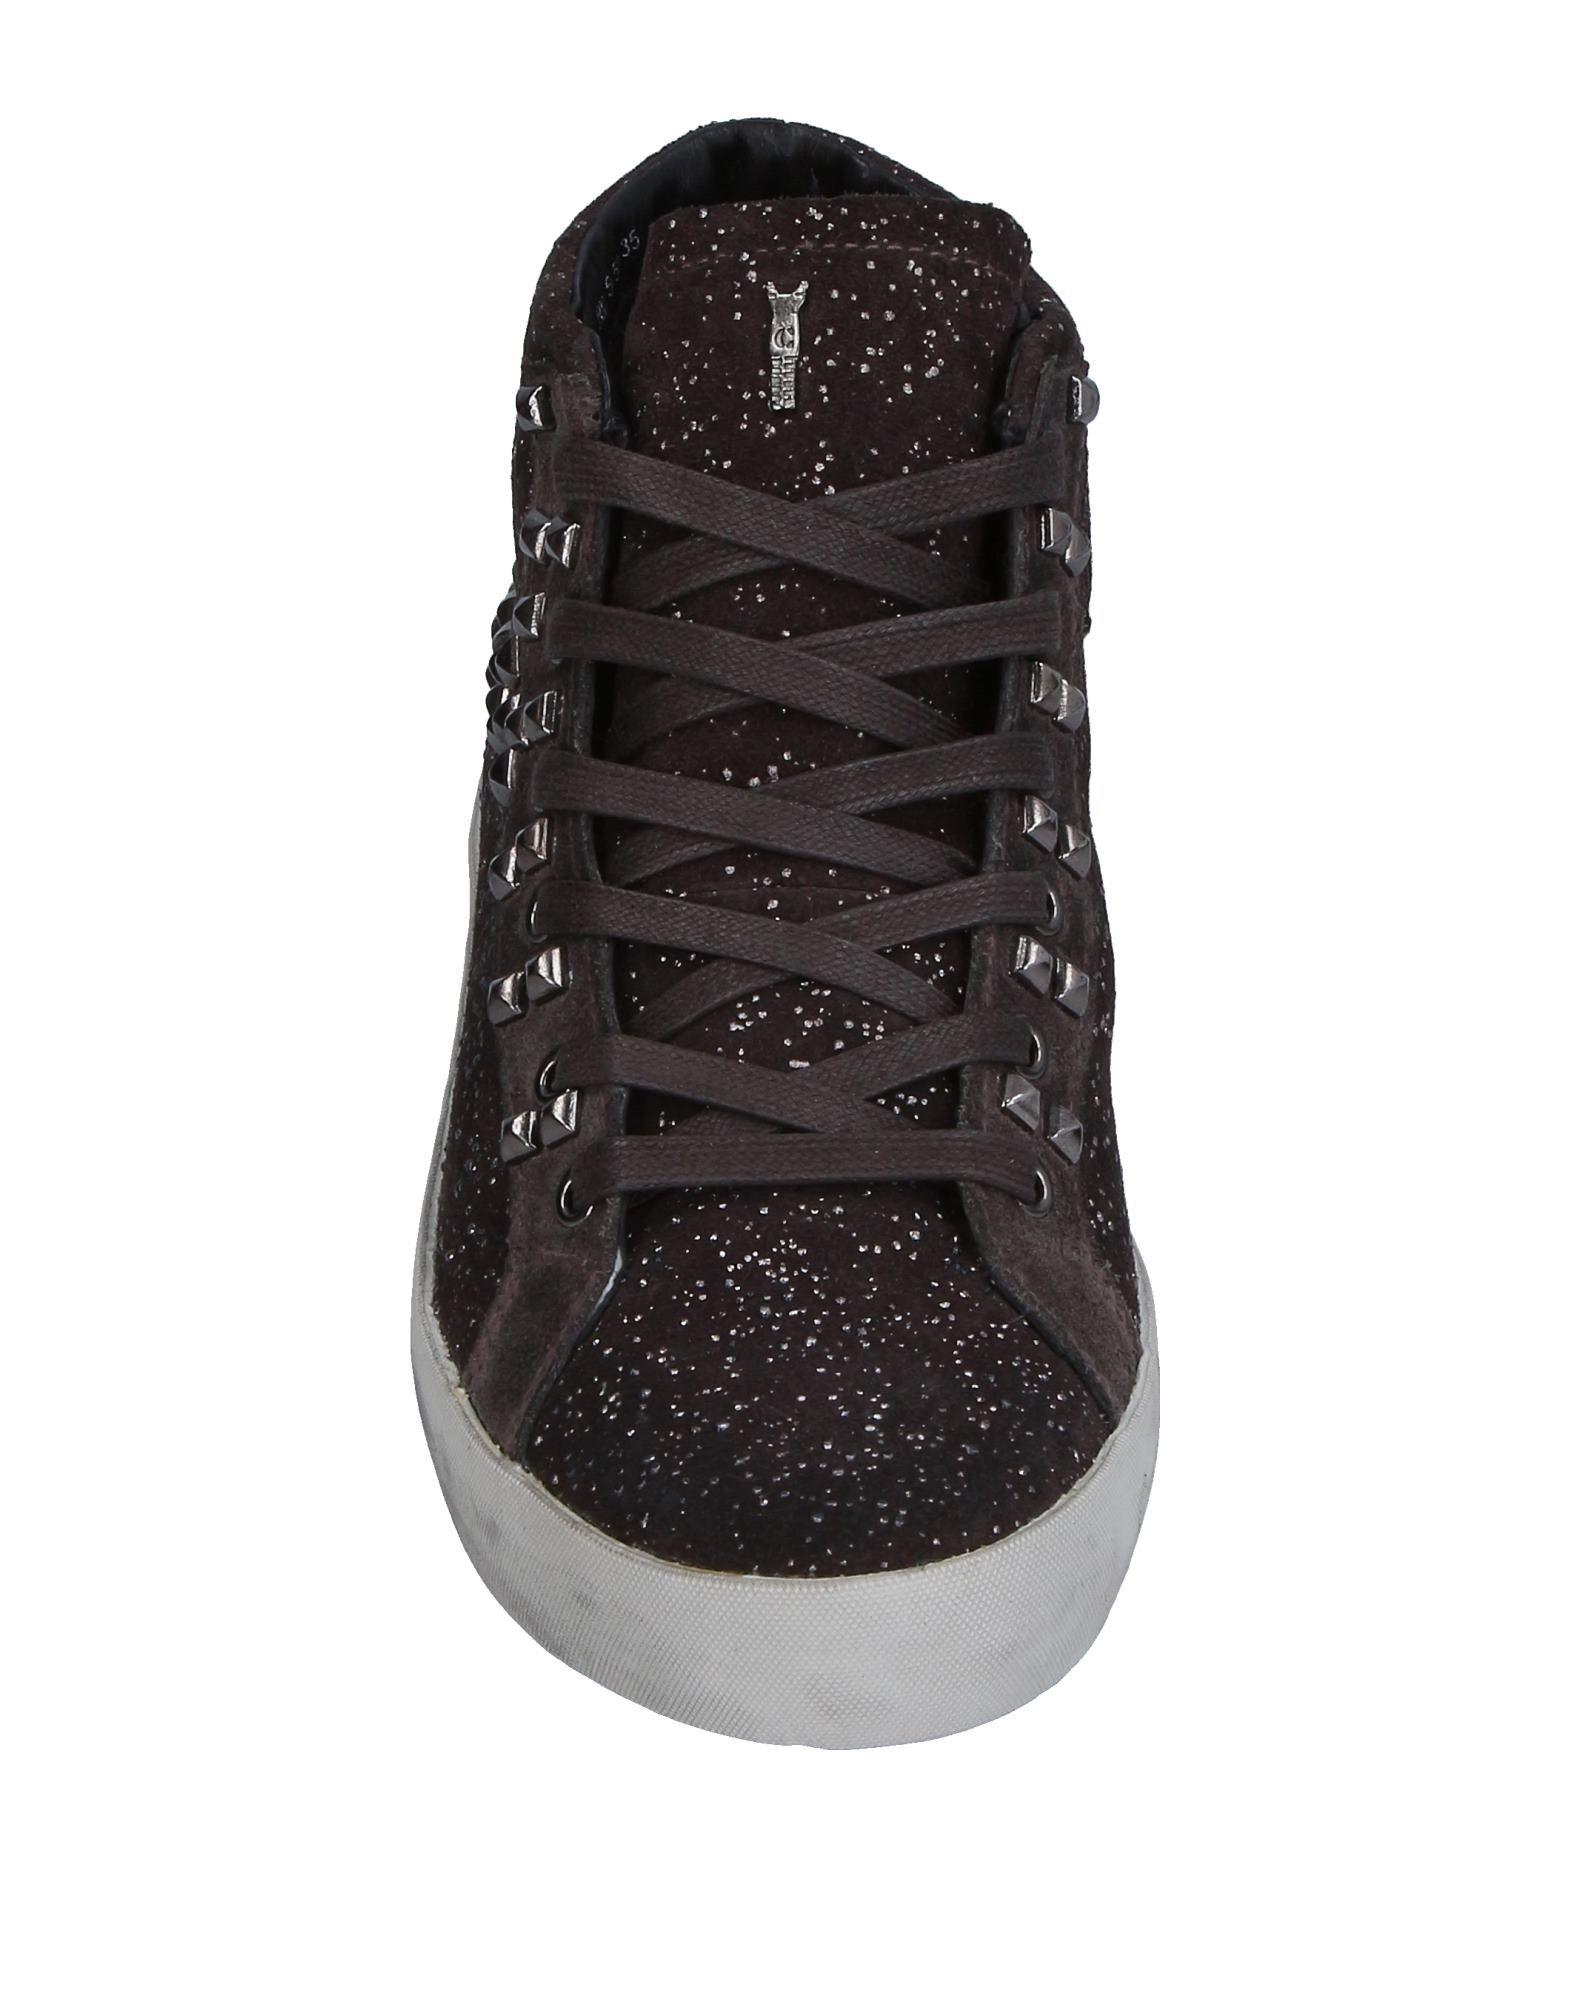 Crime London Sneakers Qualität Damen  11274680RP Gute Qualität Sneakers beliebte Schuhe 36b4a8